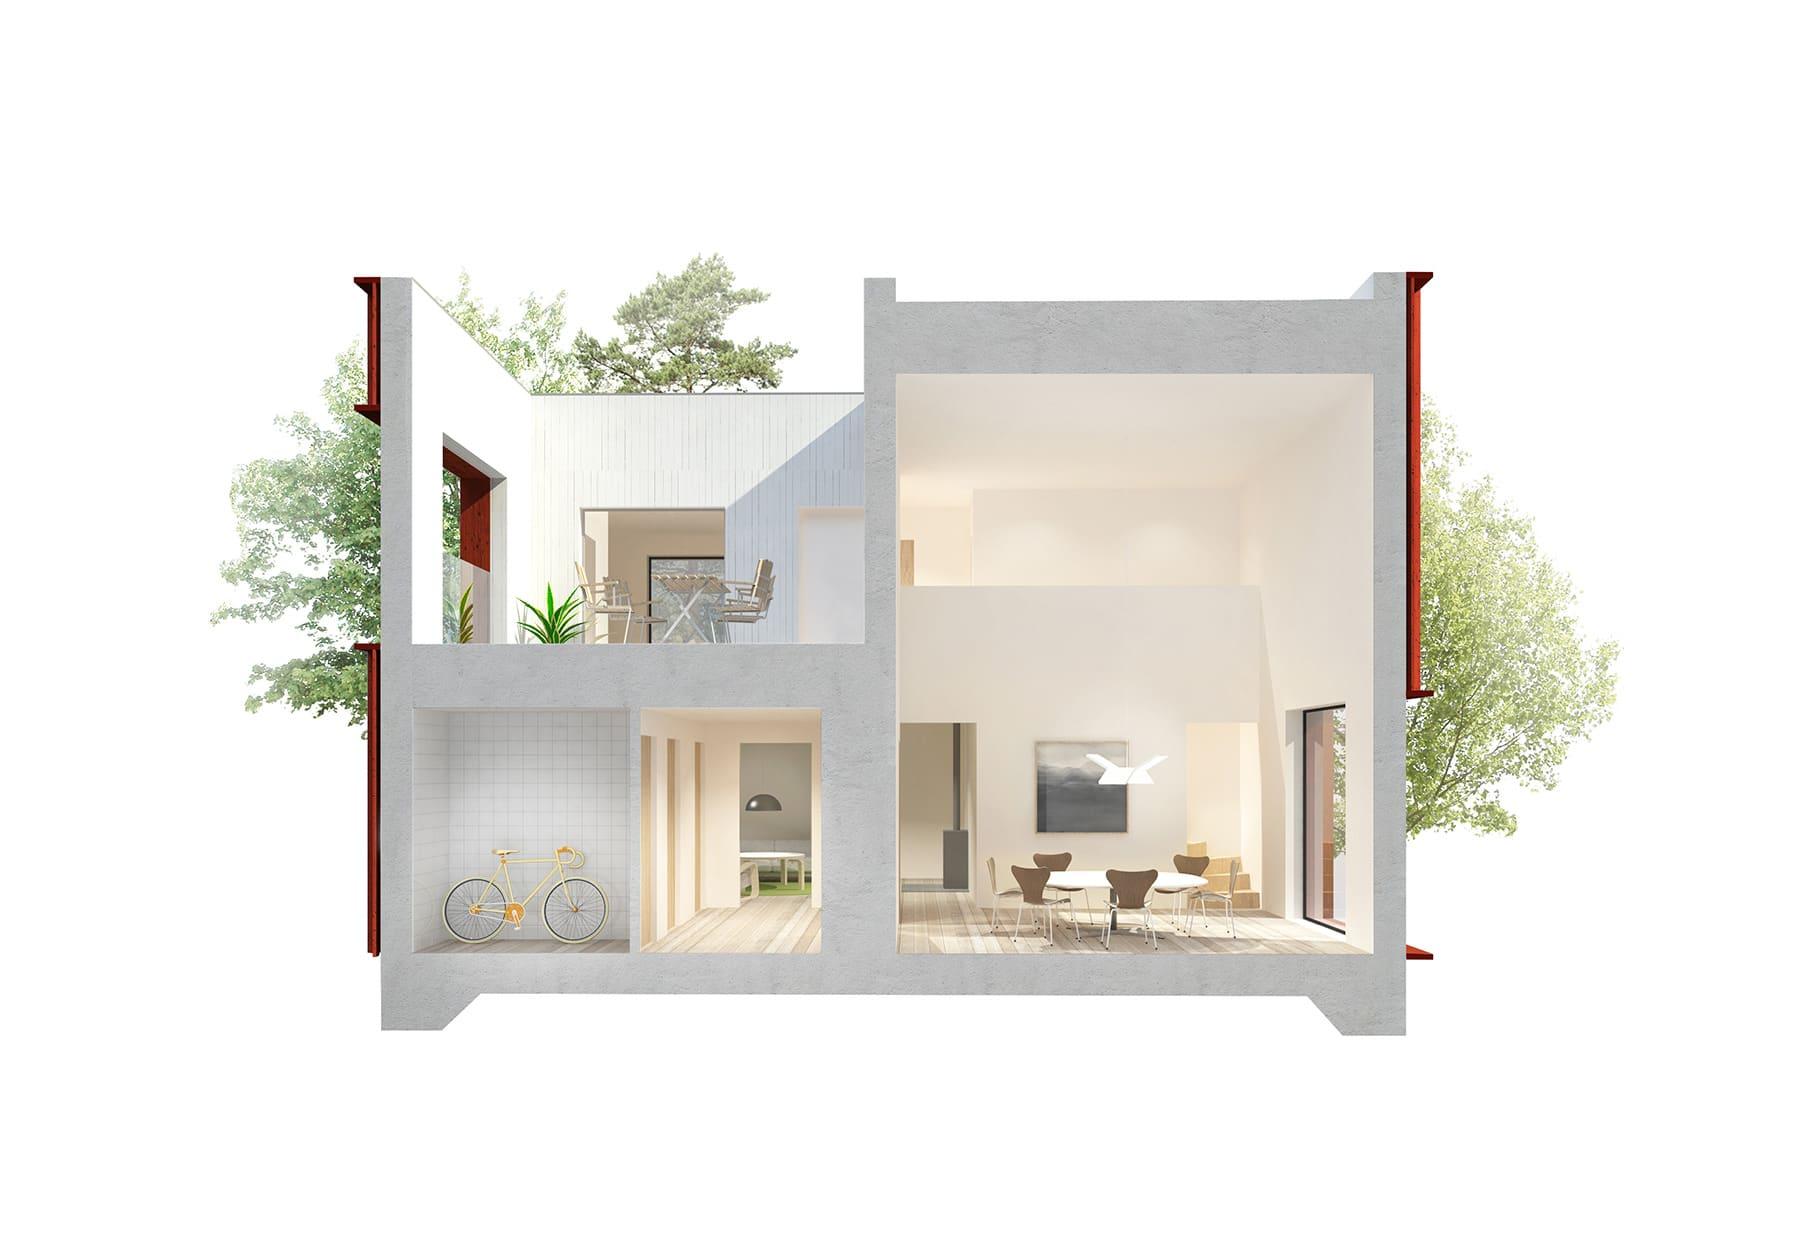 planos de casas modernas con doble altura